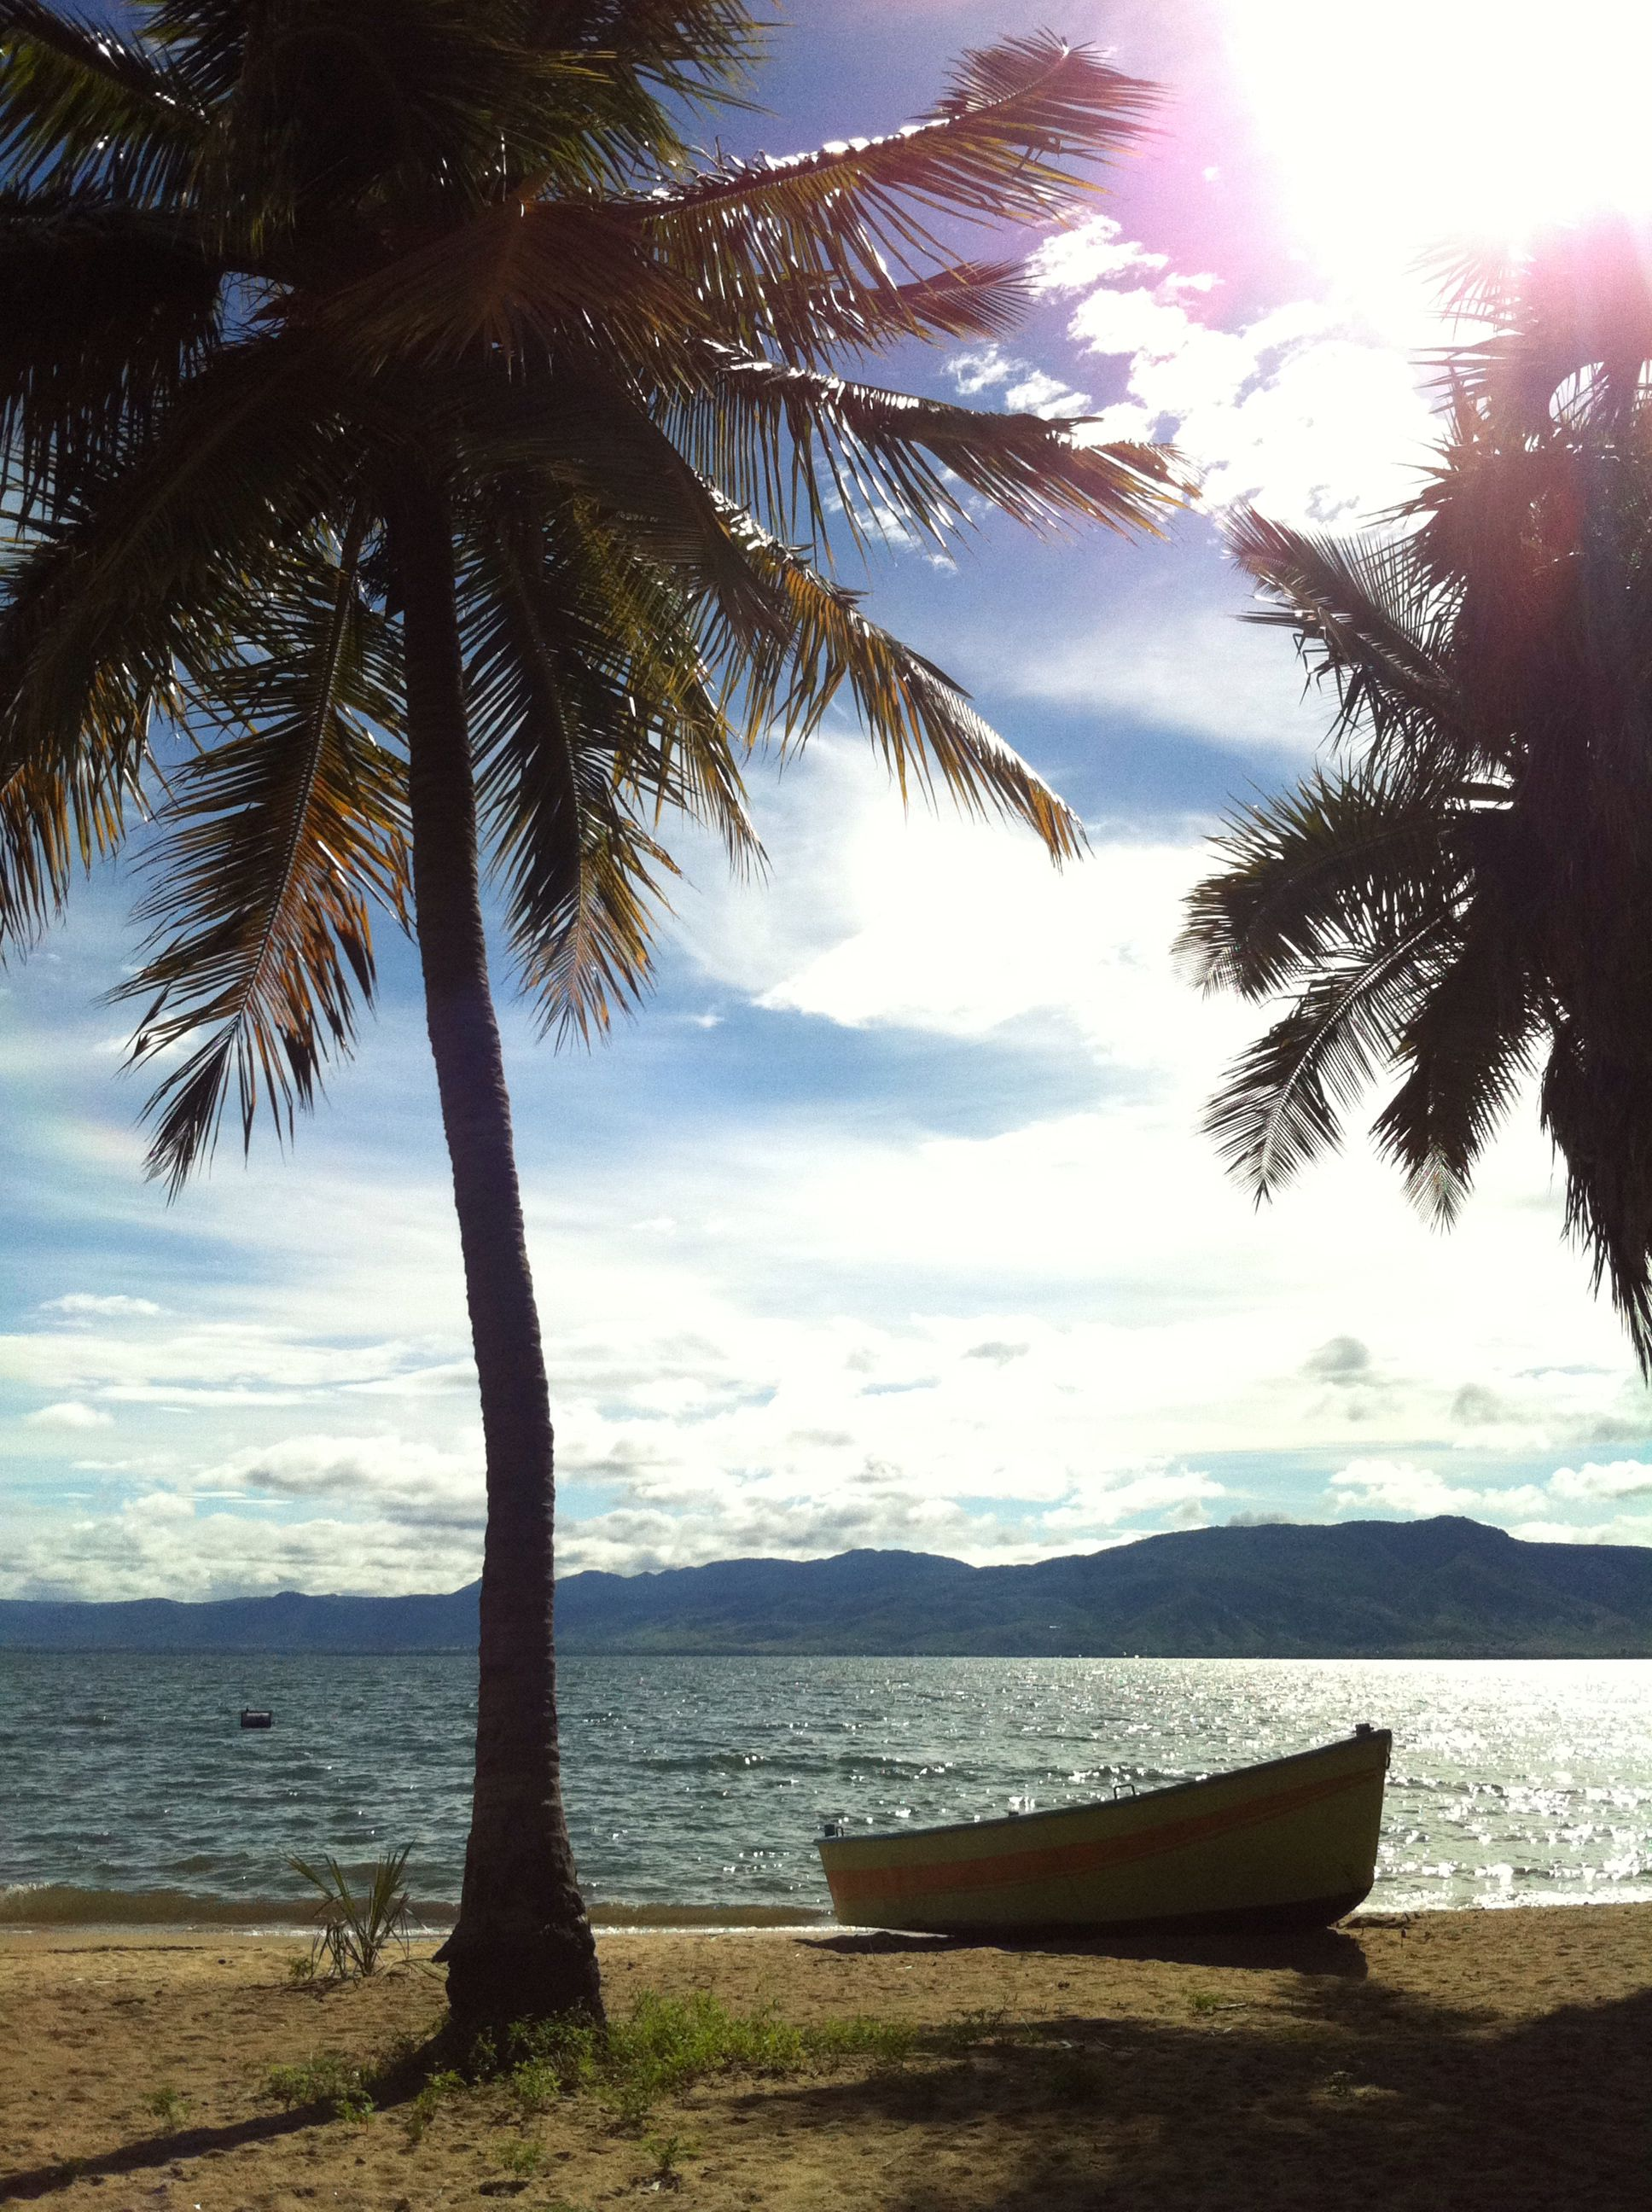 Lake malawi, Mangochi